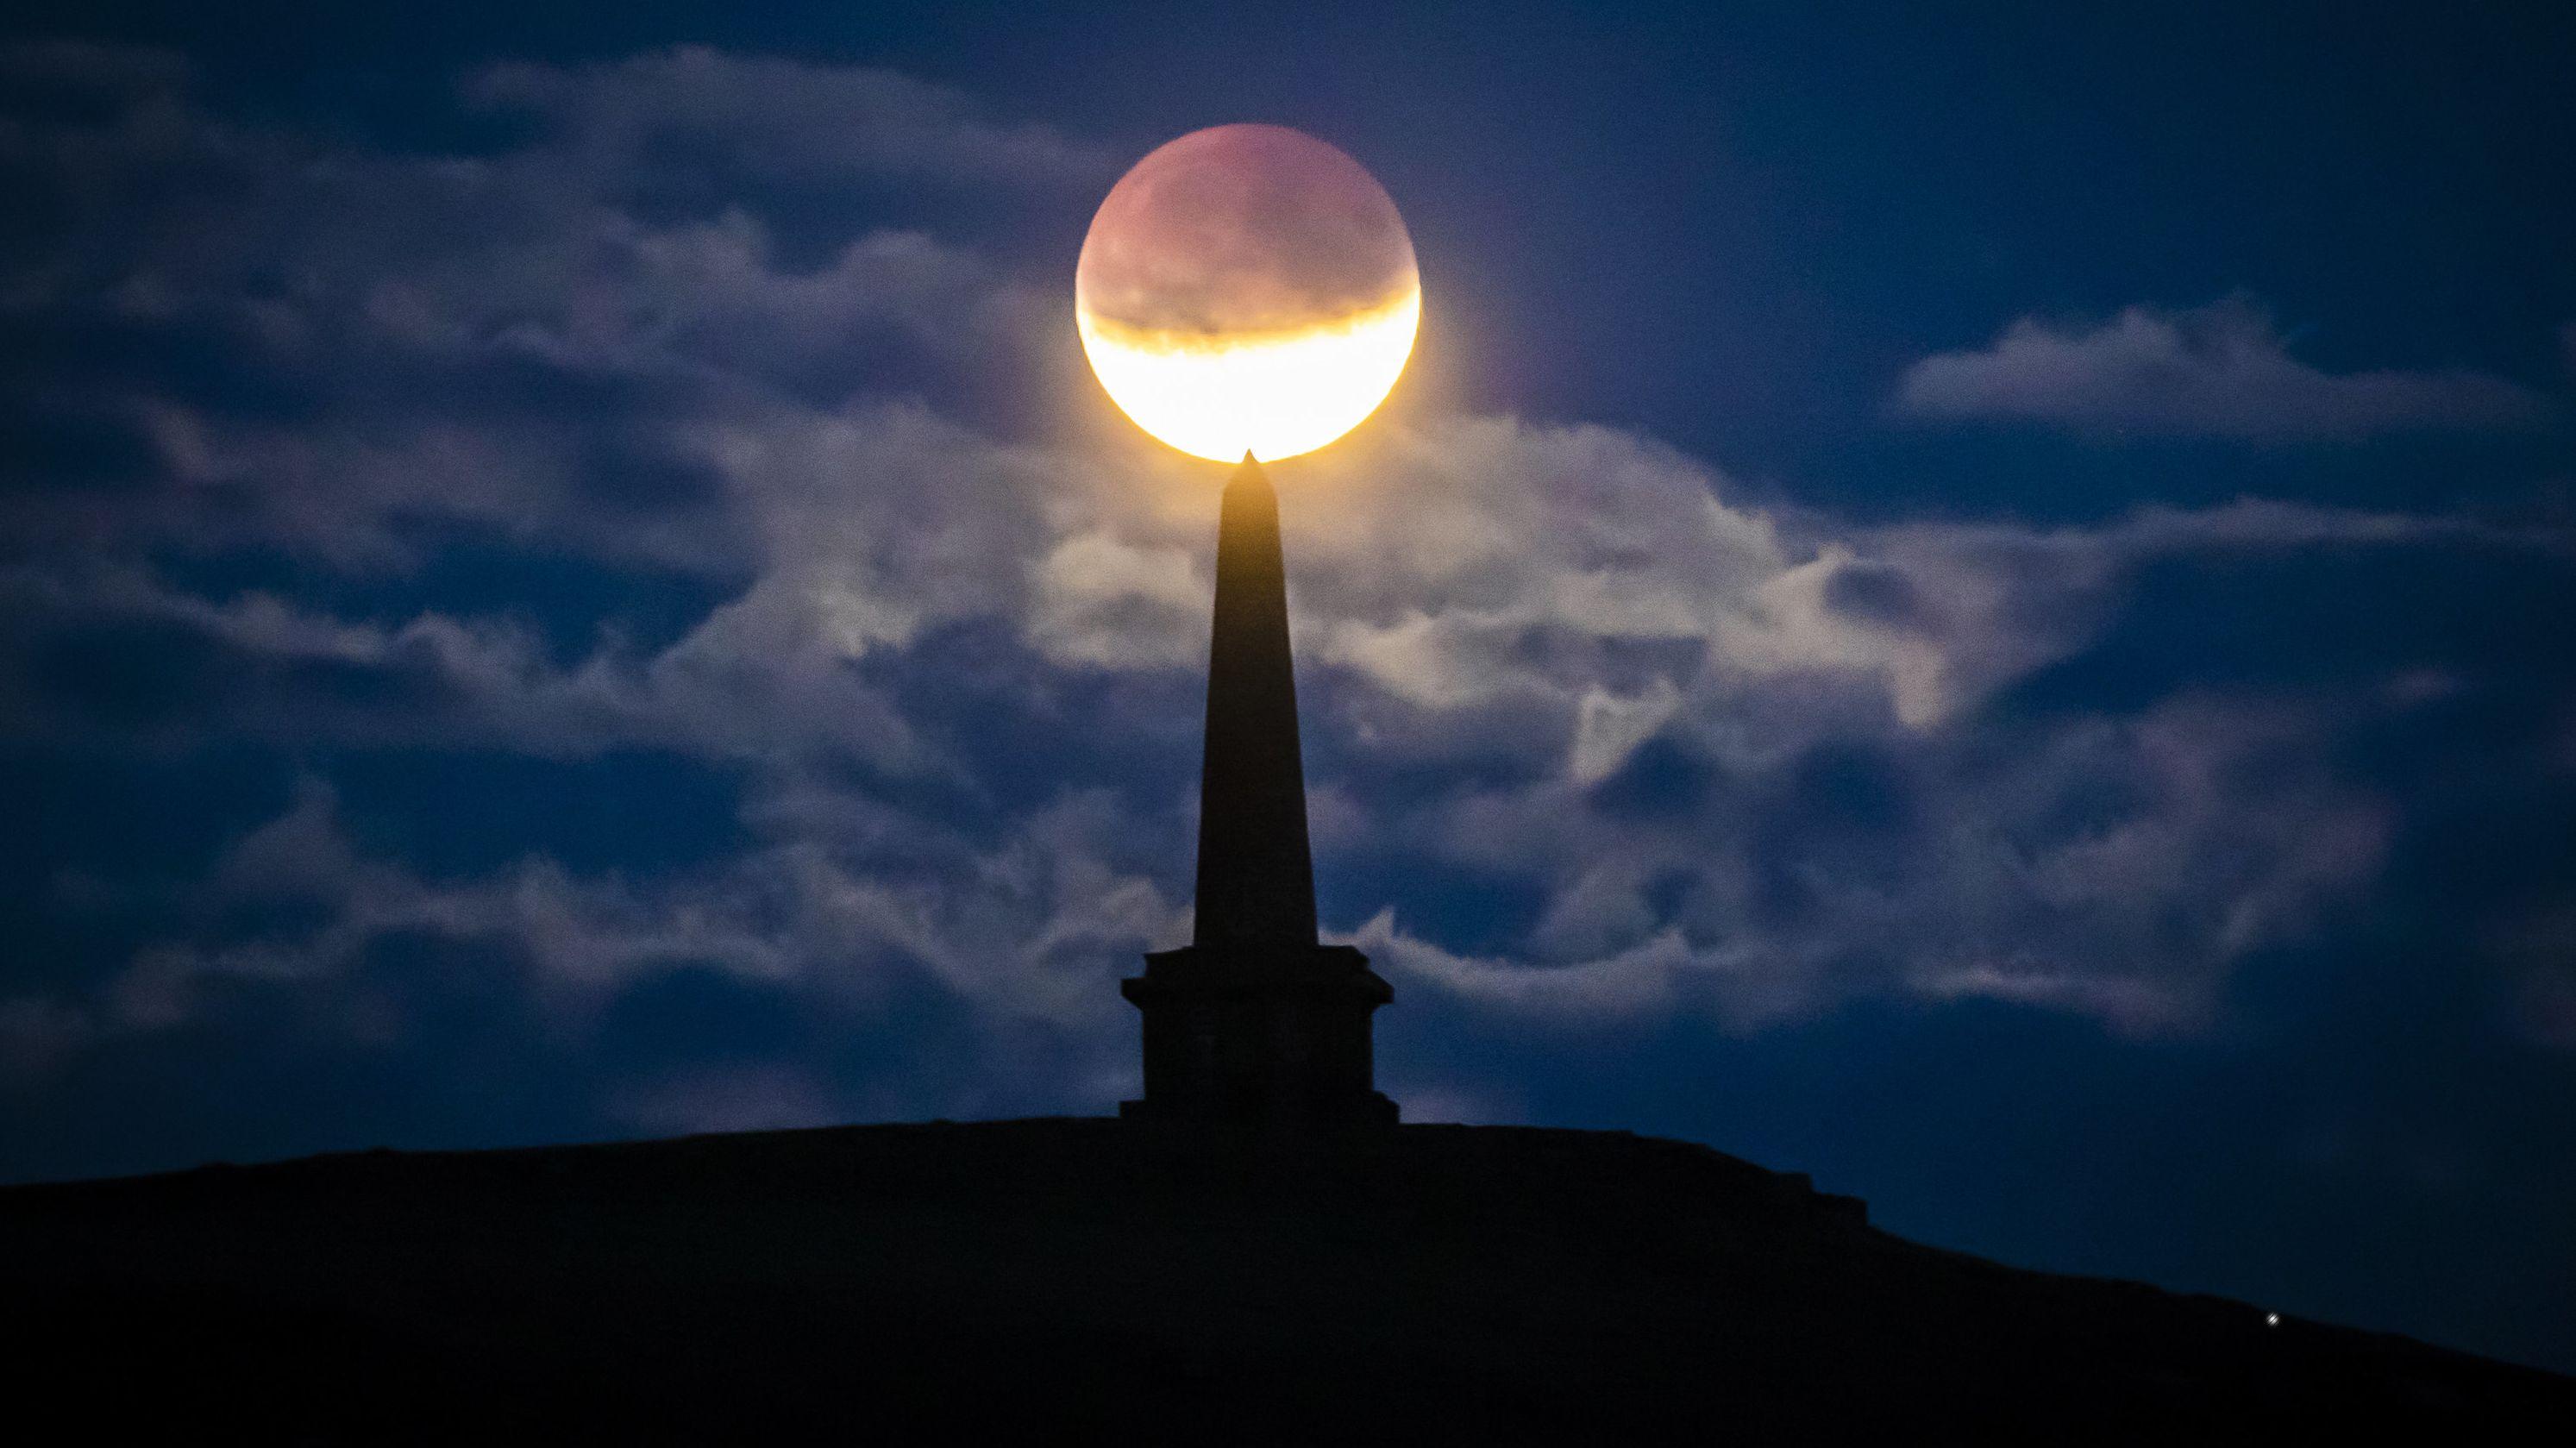 Großbritannien, Todmorden: Der Mond ist während einer partiellen Mondfinsternis hinter dem Denkmal Stoodley Pike zu sehen.